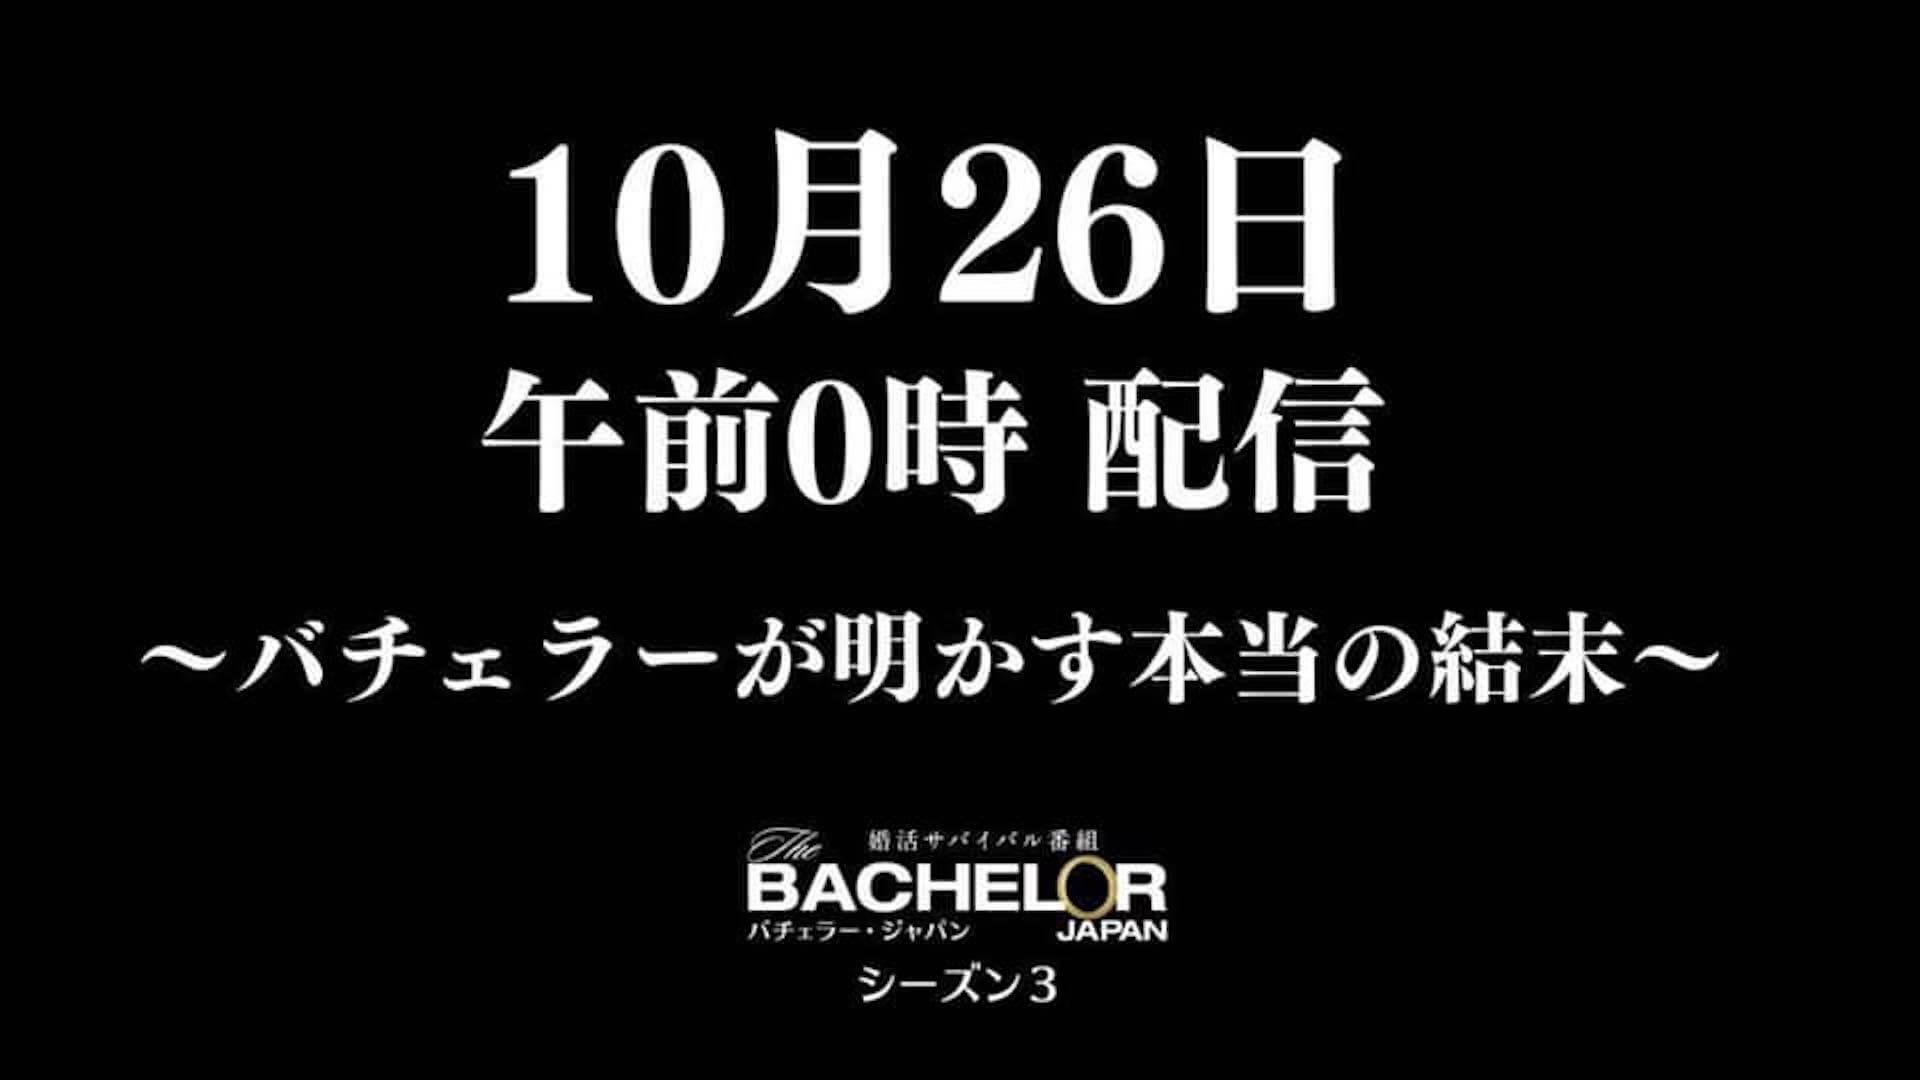 『バチェラー・ジャパン』シーズン3の最終回に日本中が注目!今夜真の最終回が配信決定 film191025_bachelor_1